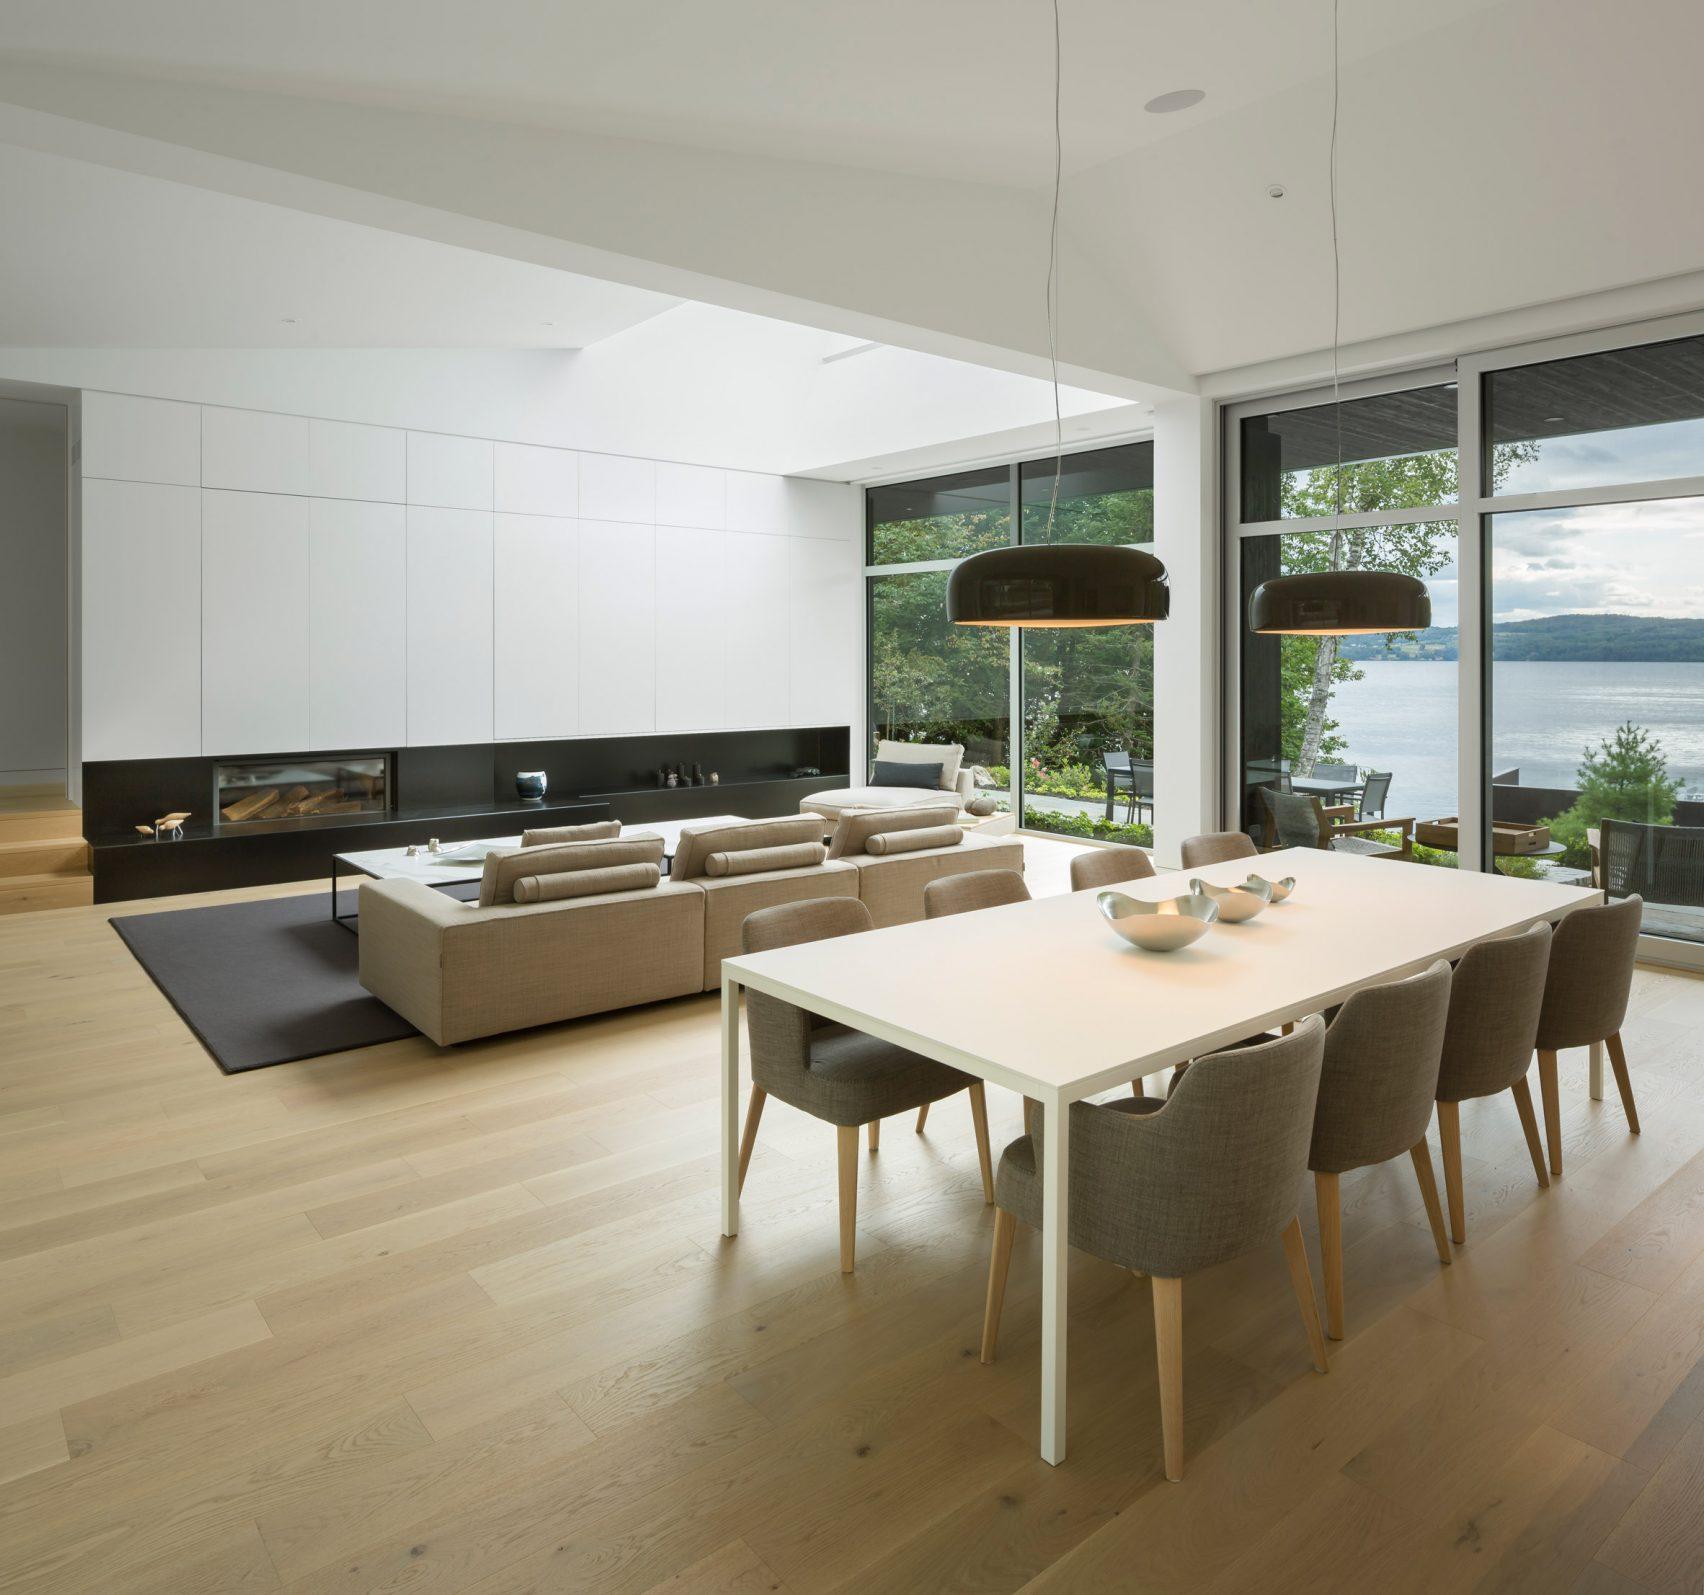 slender-house-mu-architecture-quebec-canada_dezeen_2364_col_9-1704x1595.jpg